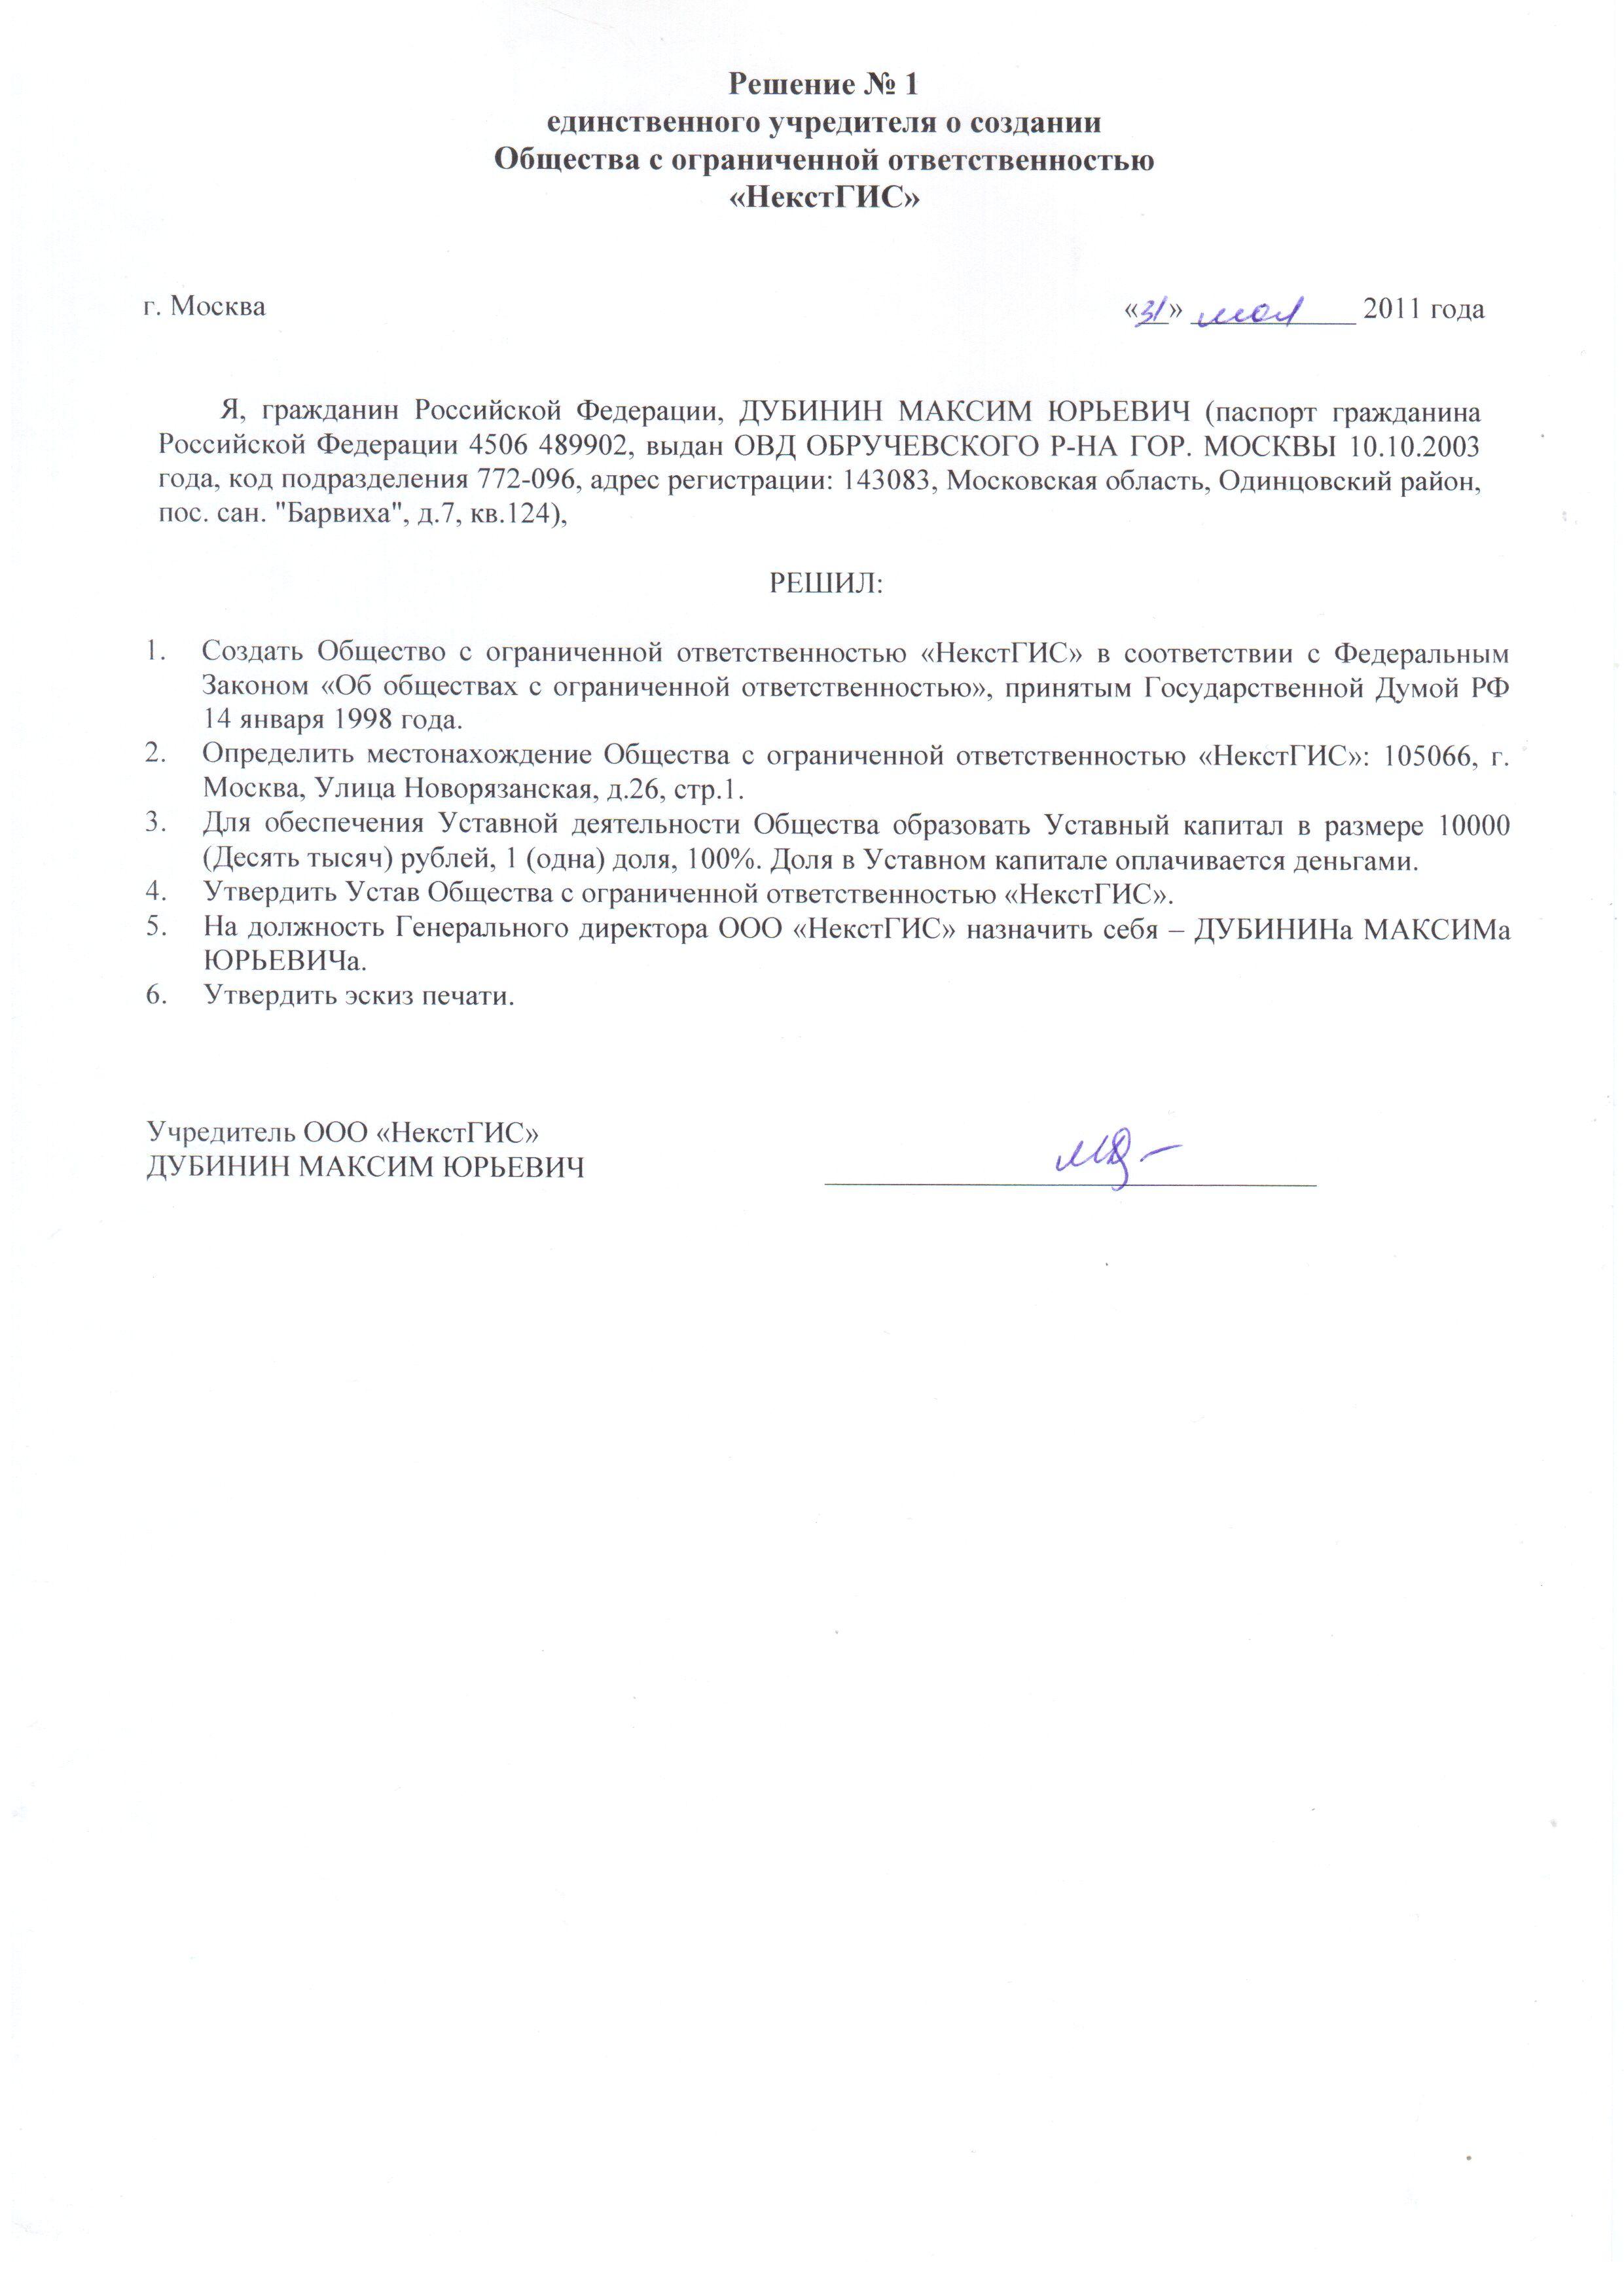 как найти организацию по адресу в москве